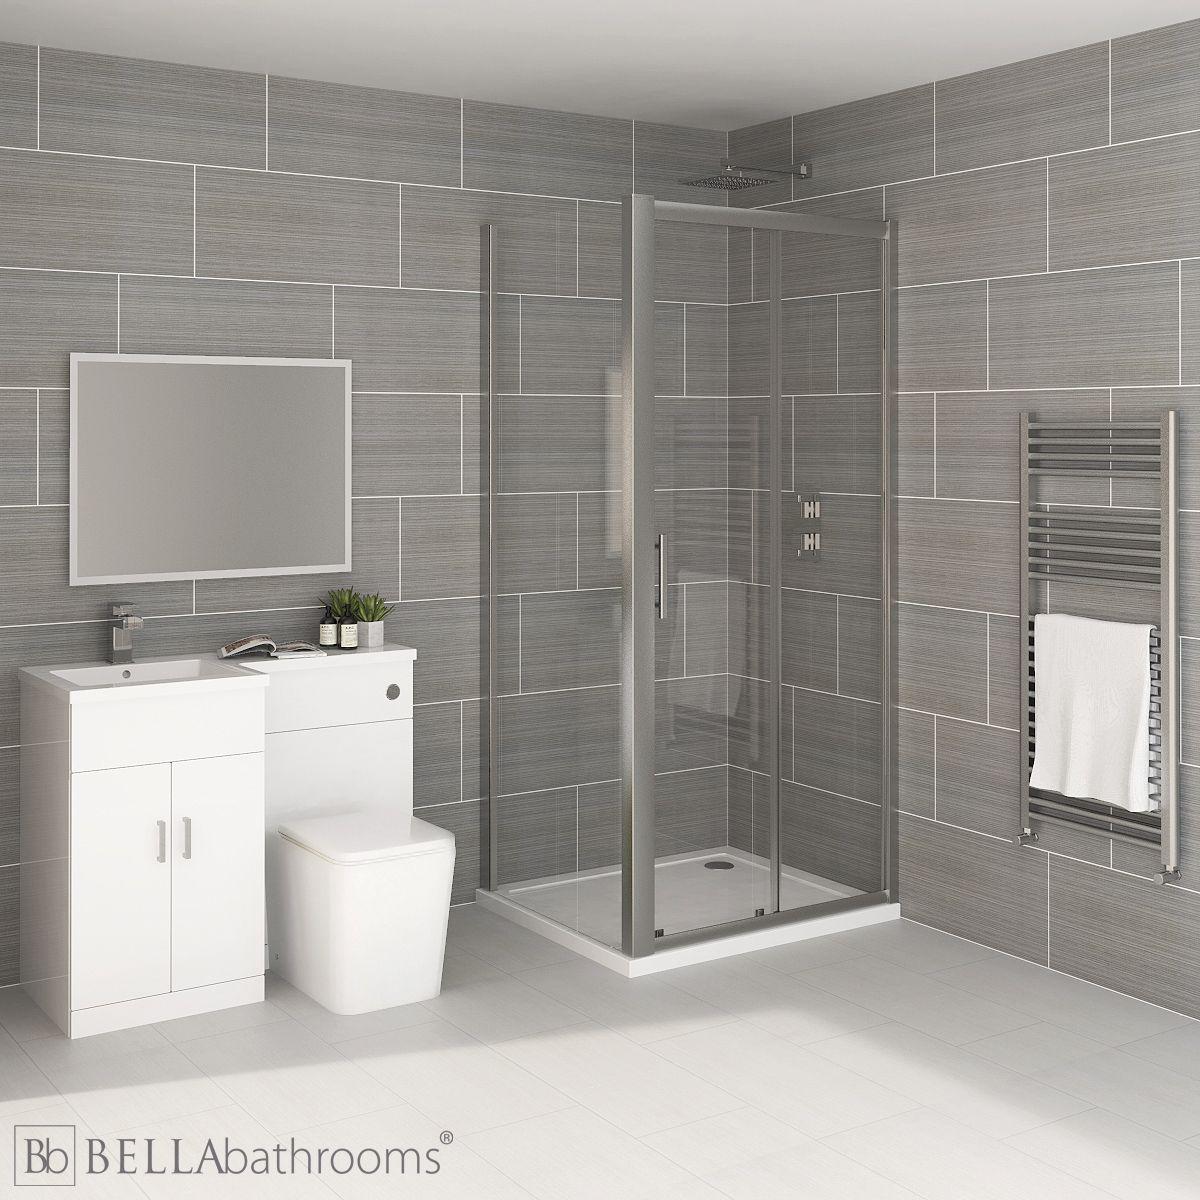 Elation Combination L Shape White Furniture Suite with April Destini Sliding Shower Enclosure